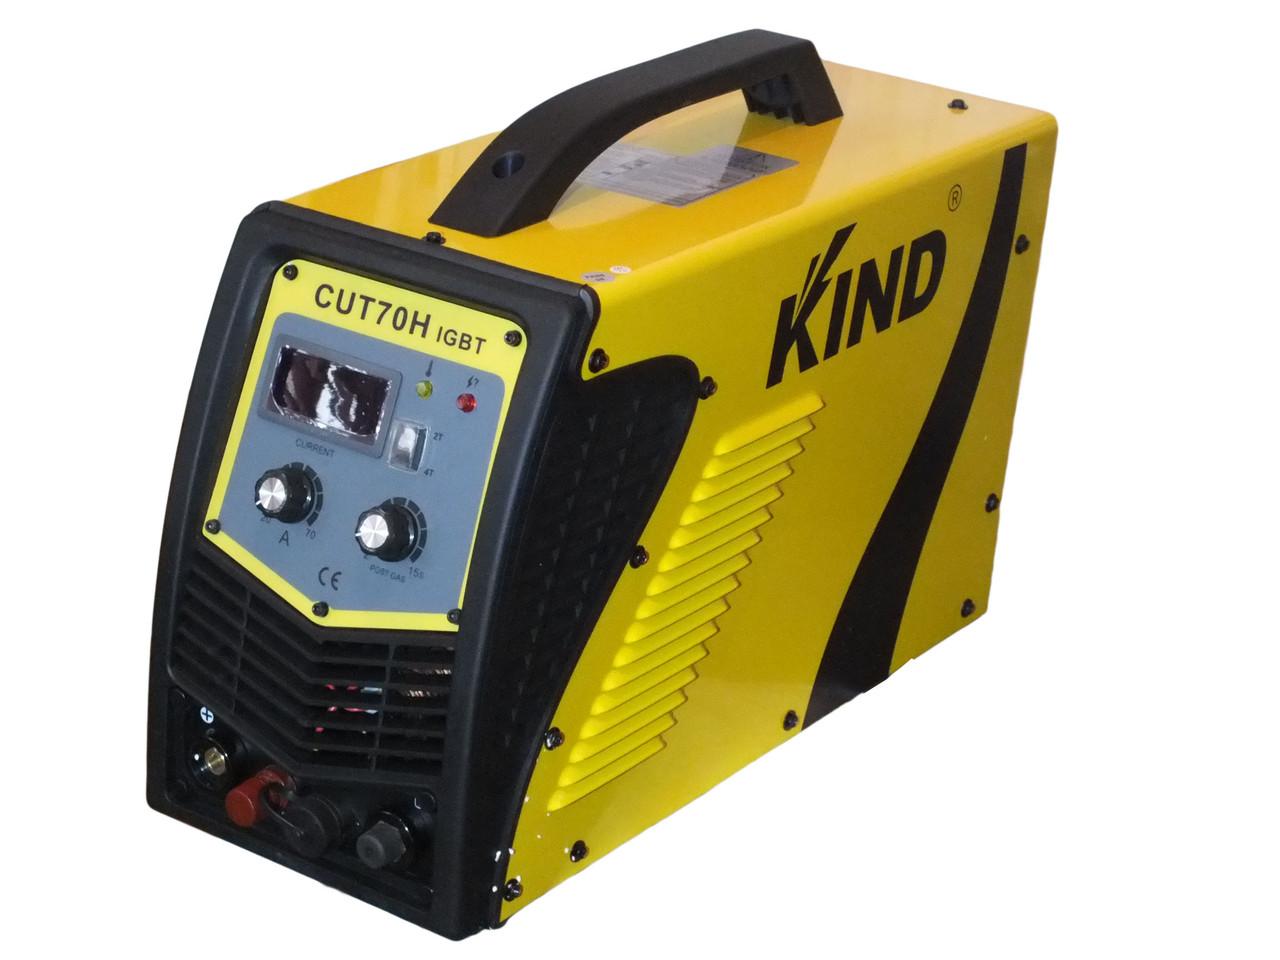 KIND CUT-70H Аппарат воздушно-плазменной резки